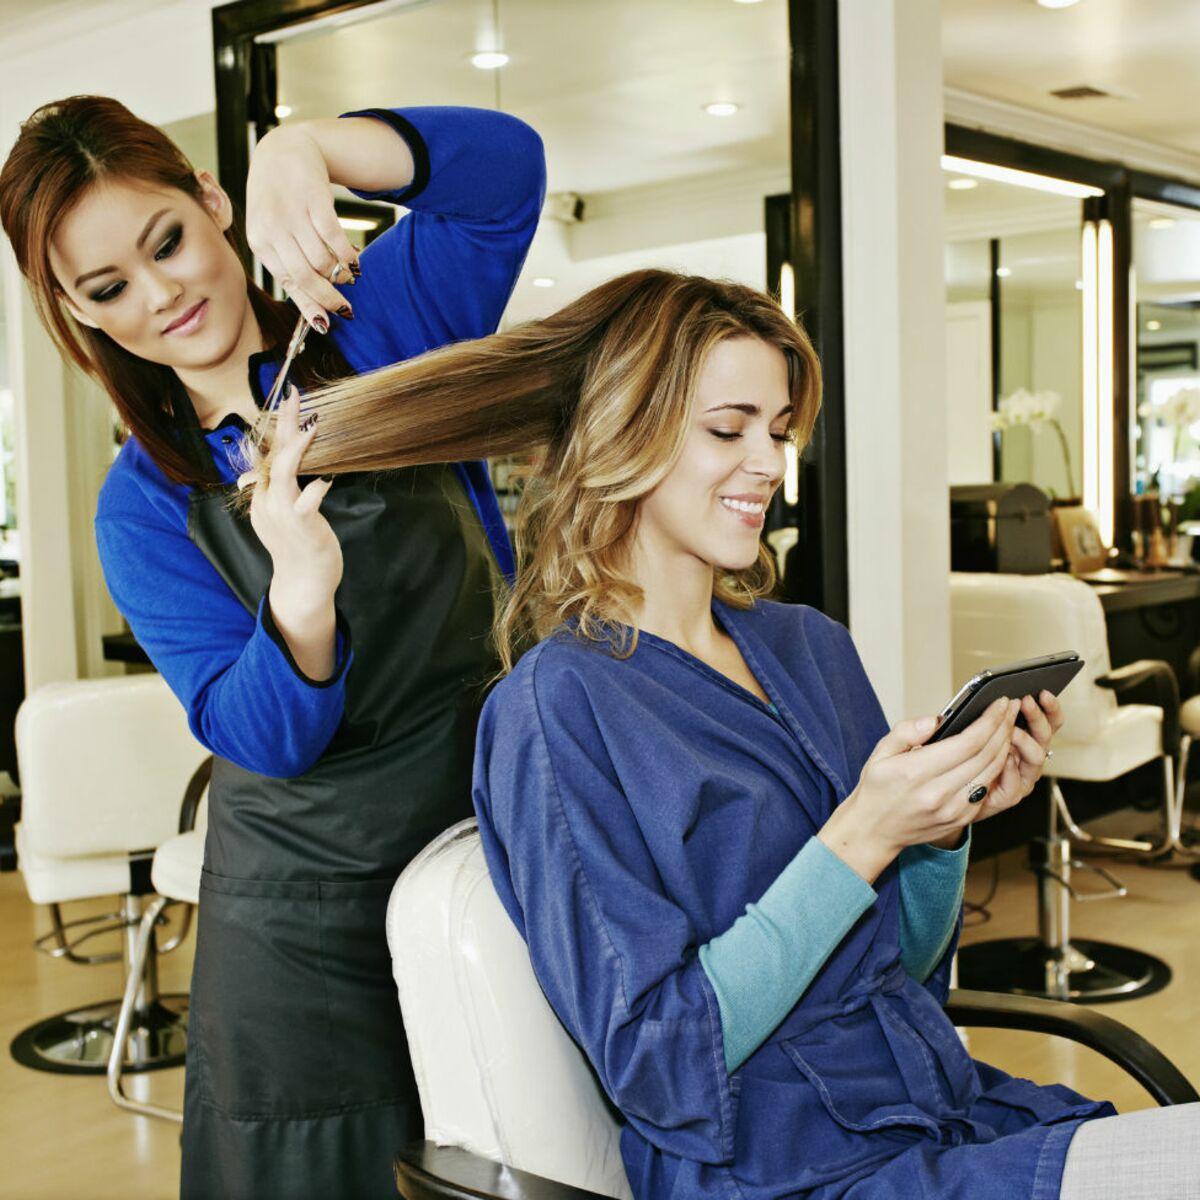 cherche coiffeur femme)